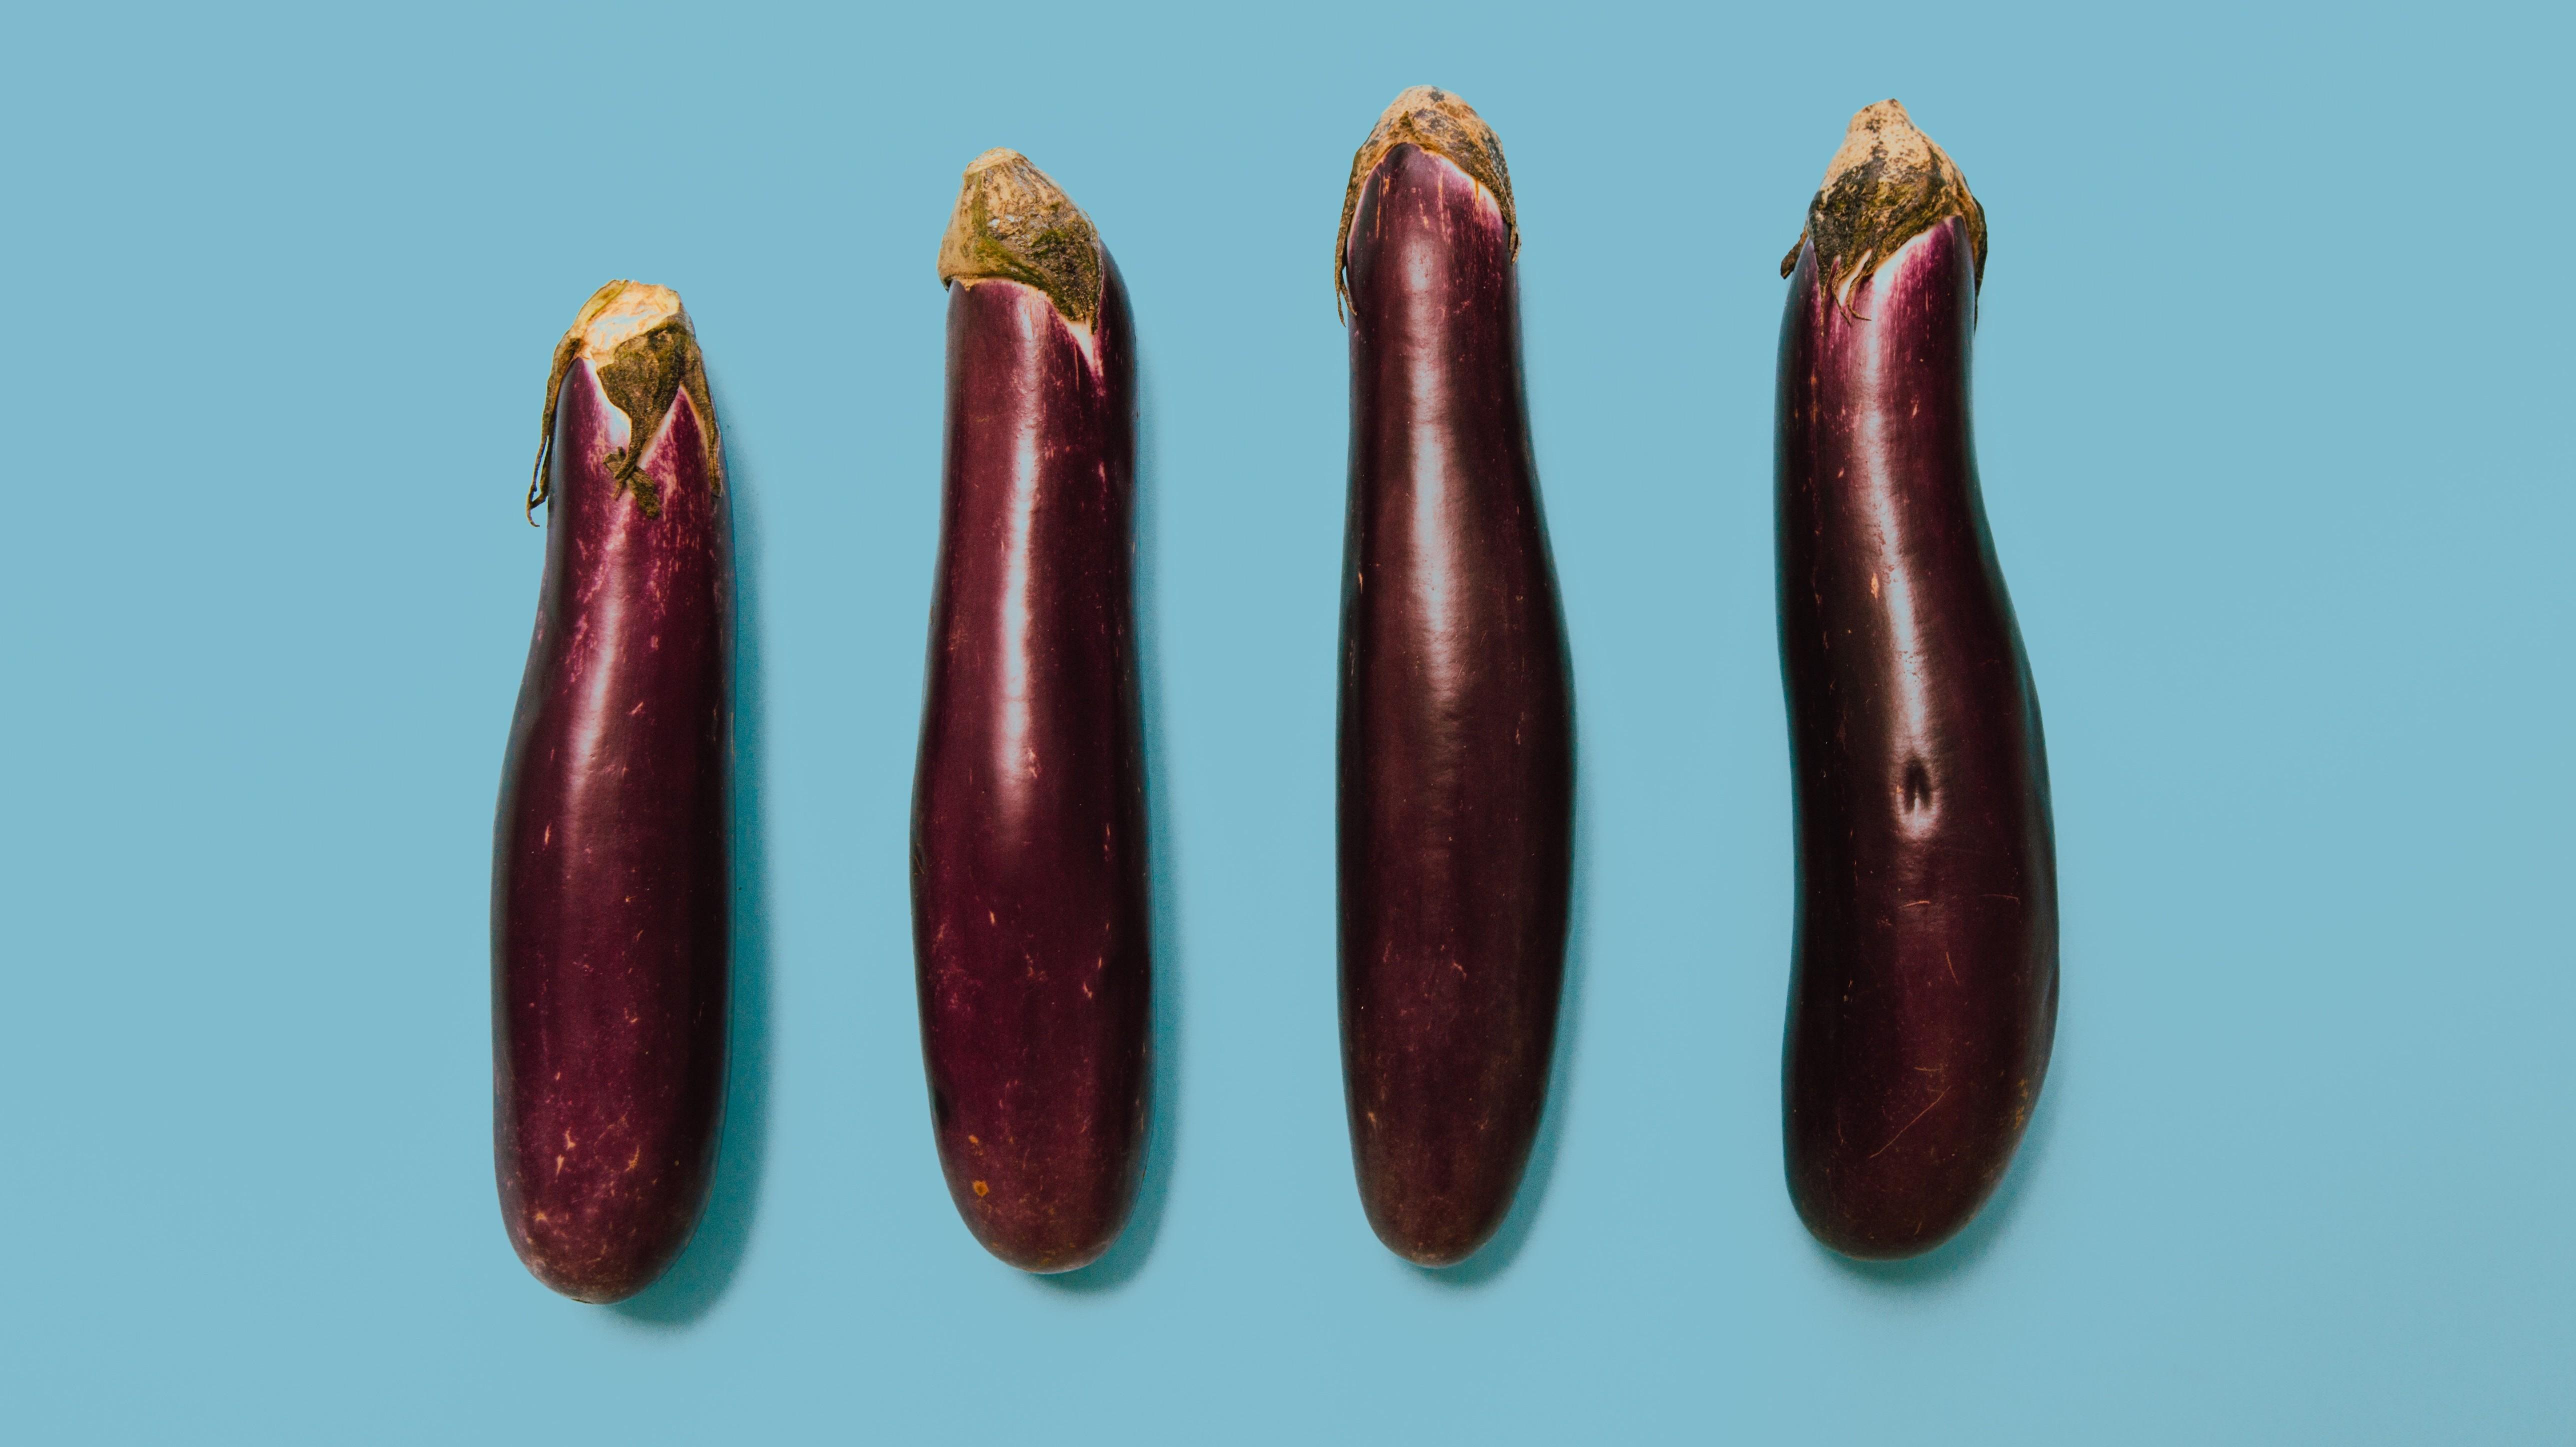 cum se mărește penisul în mărime